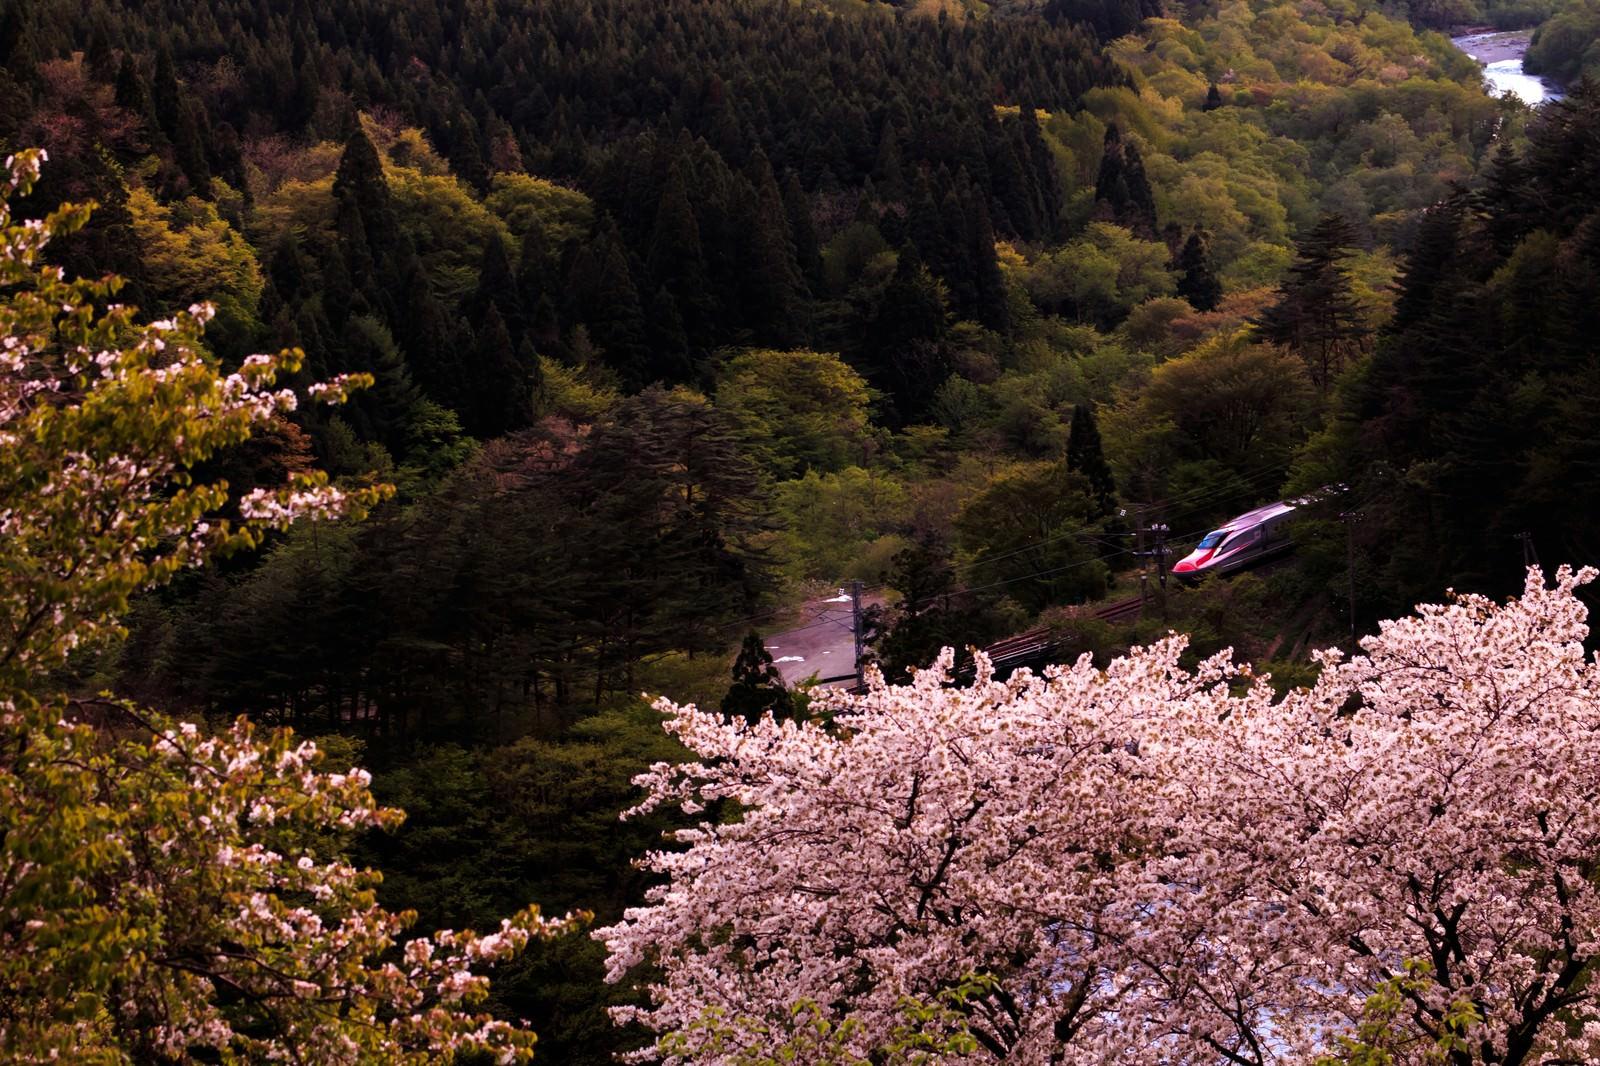 「桜と谷間を走るこまち号桜と谷間を走るこまち号」のフリー写真素材を拡大